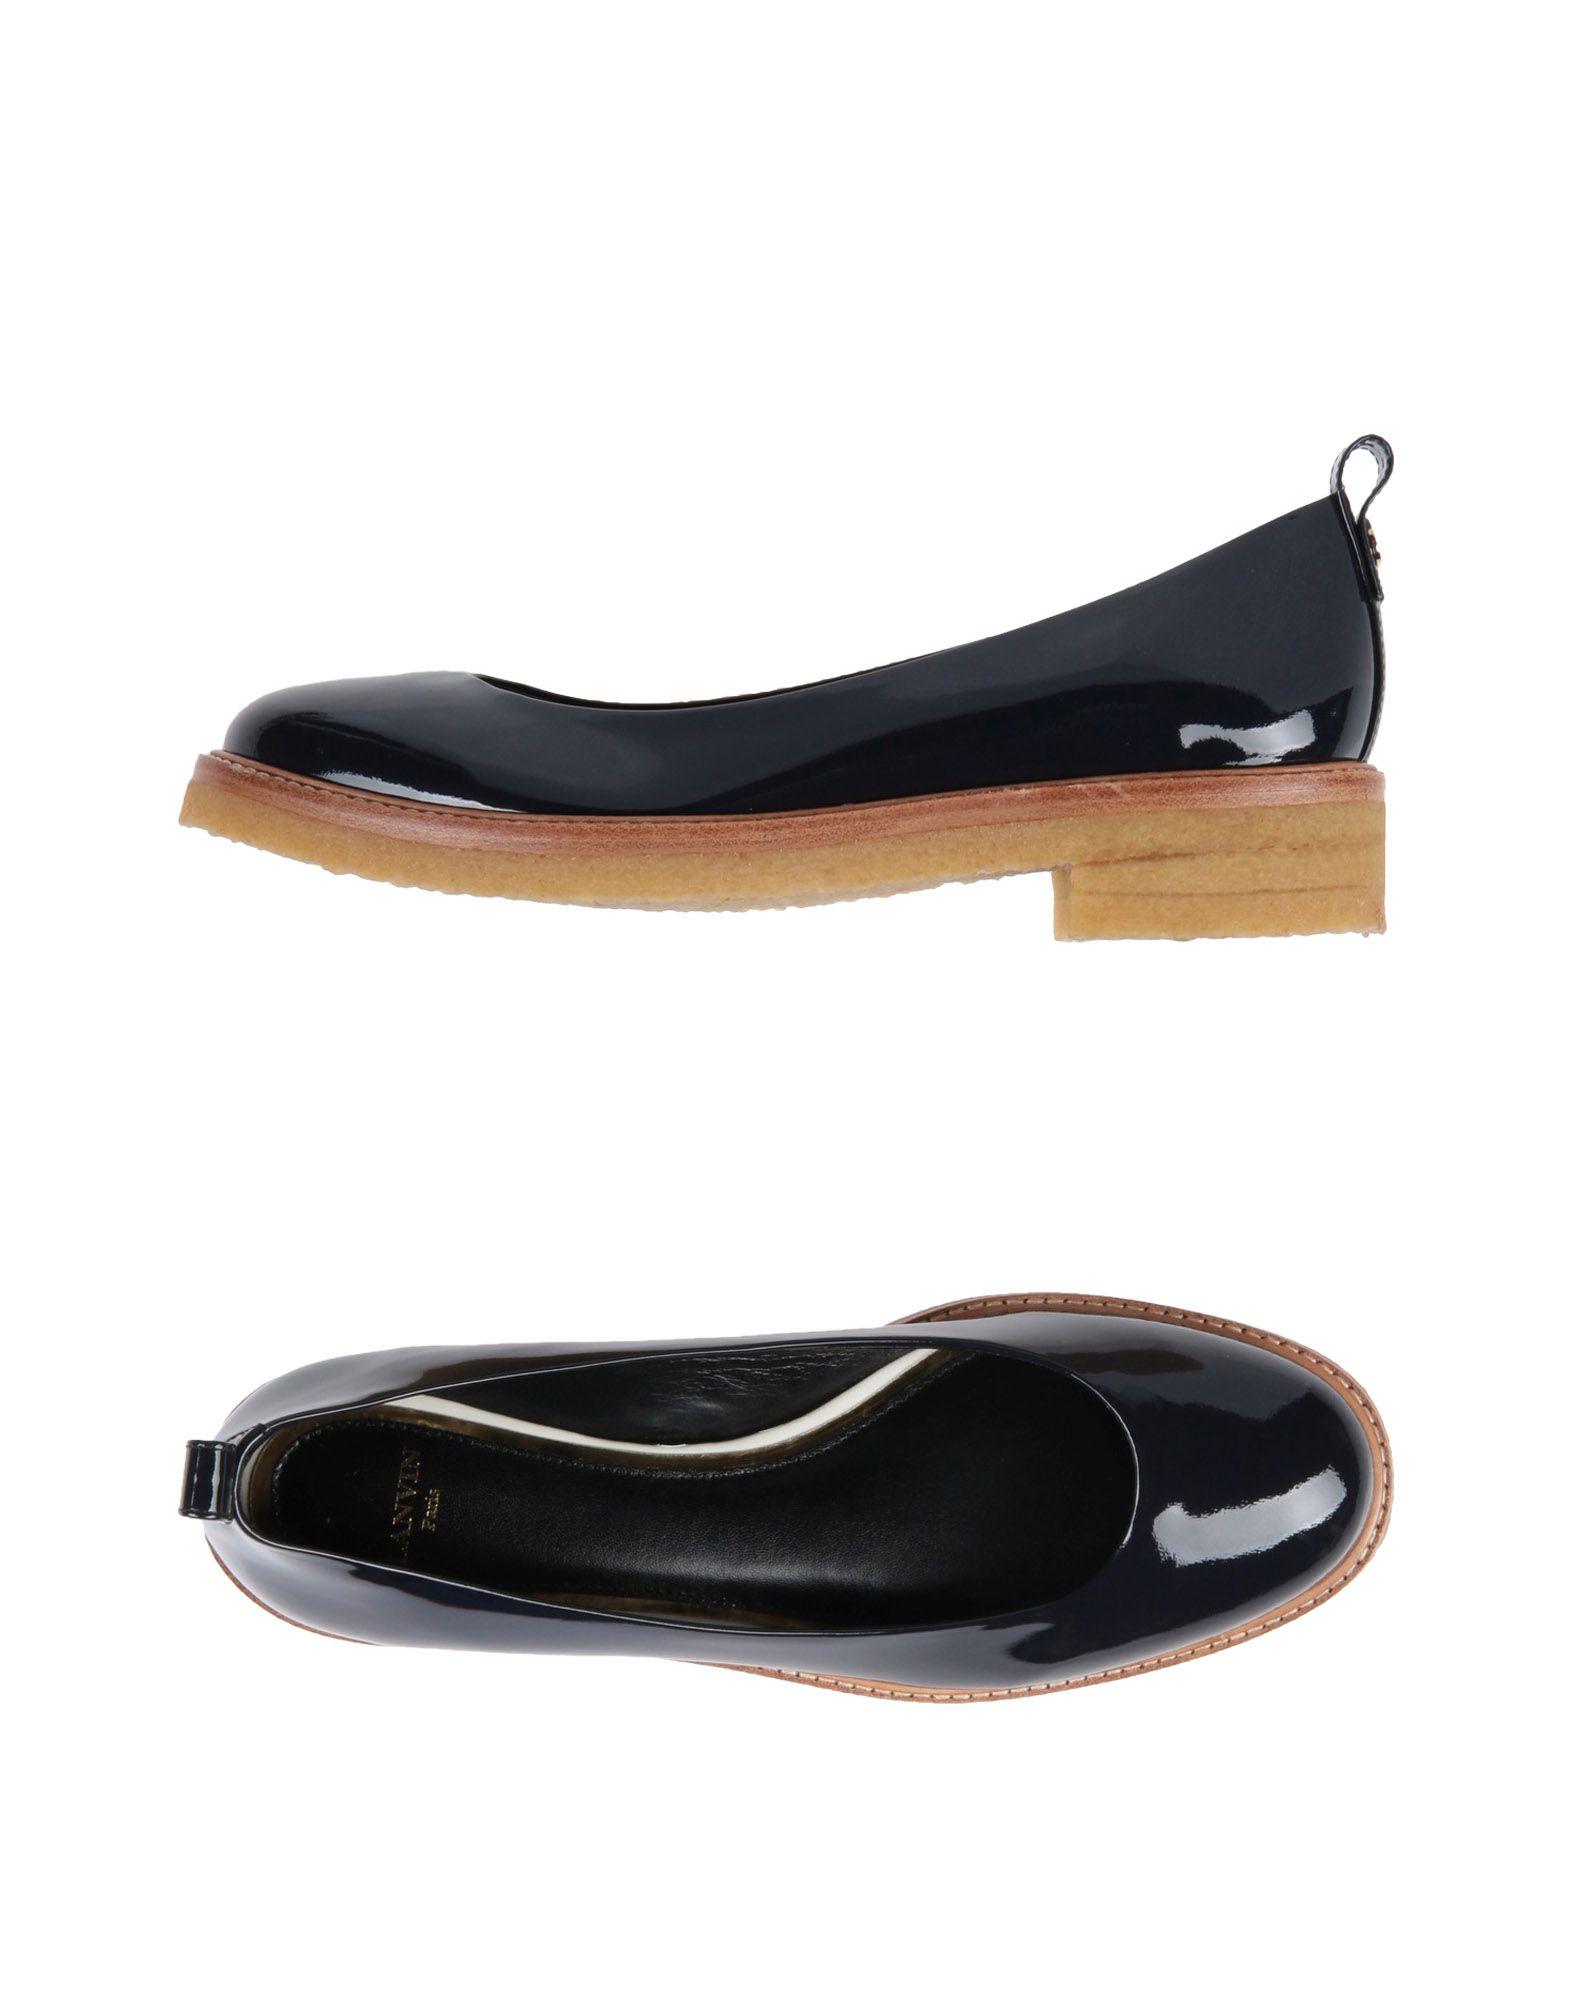 Stivali Unlace Donna - 11528917SK Scarpe economiche e buone